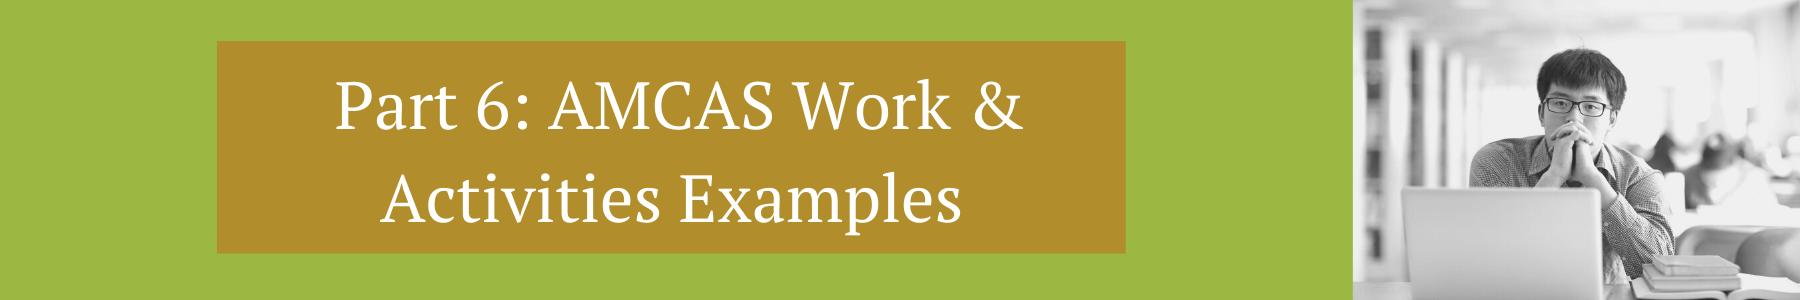 AMCAS Work Activities Examples